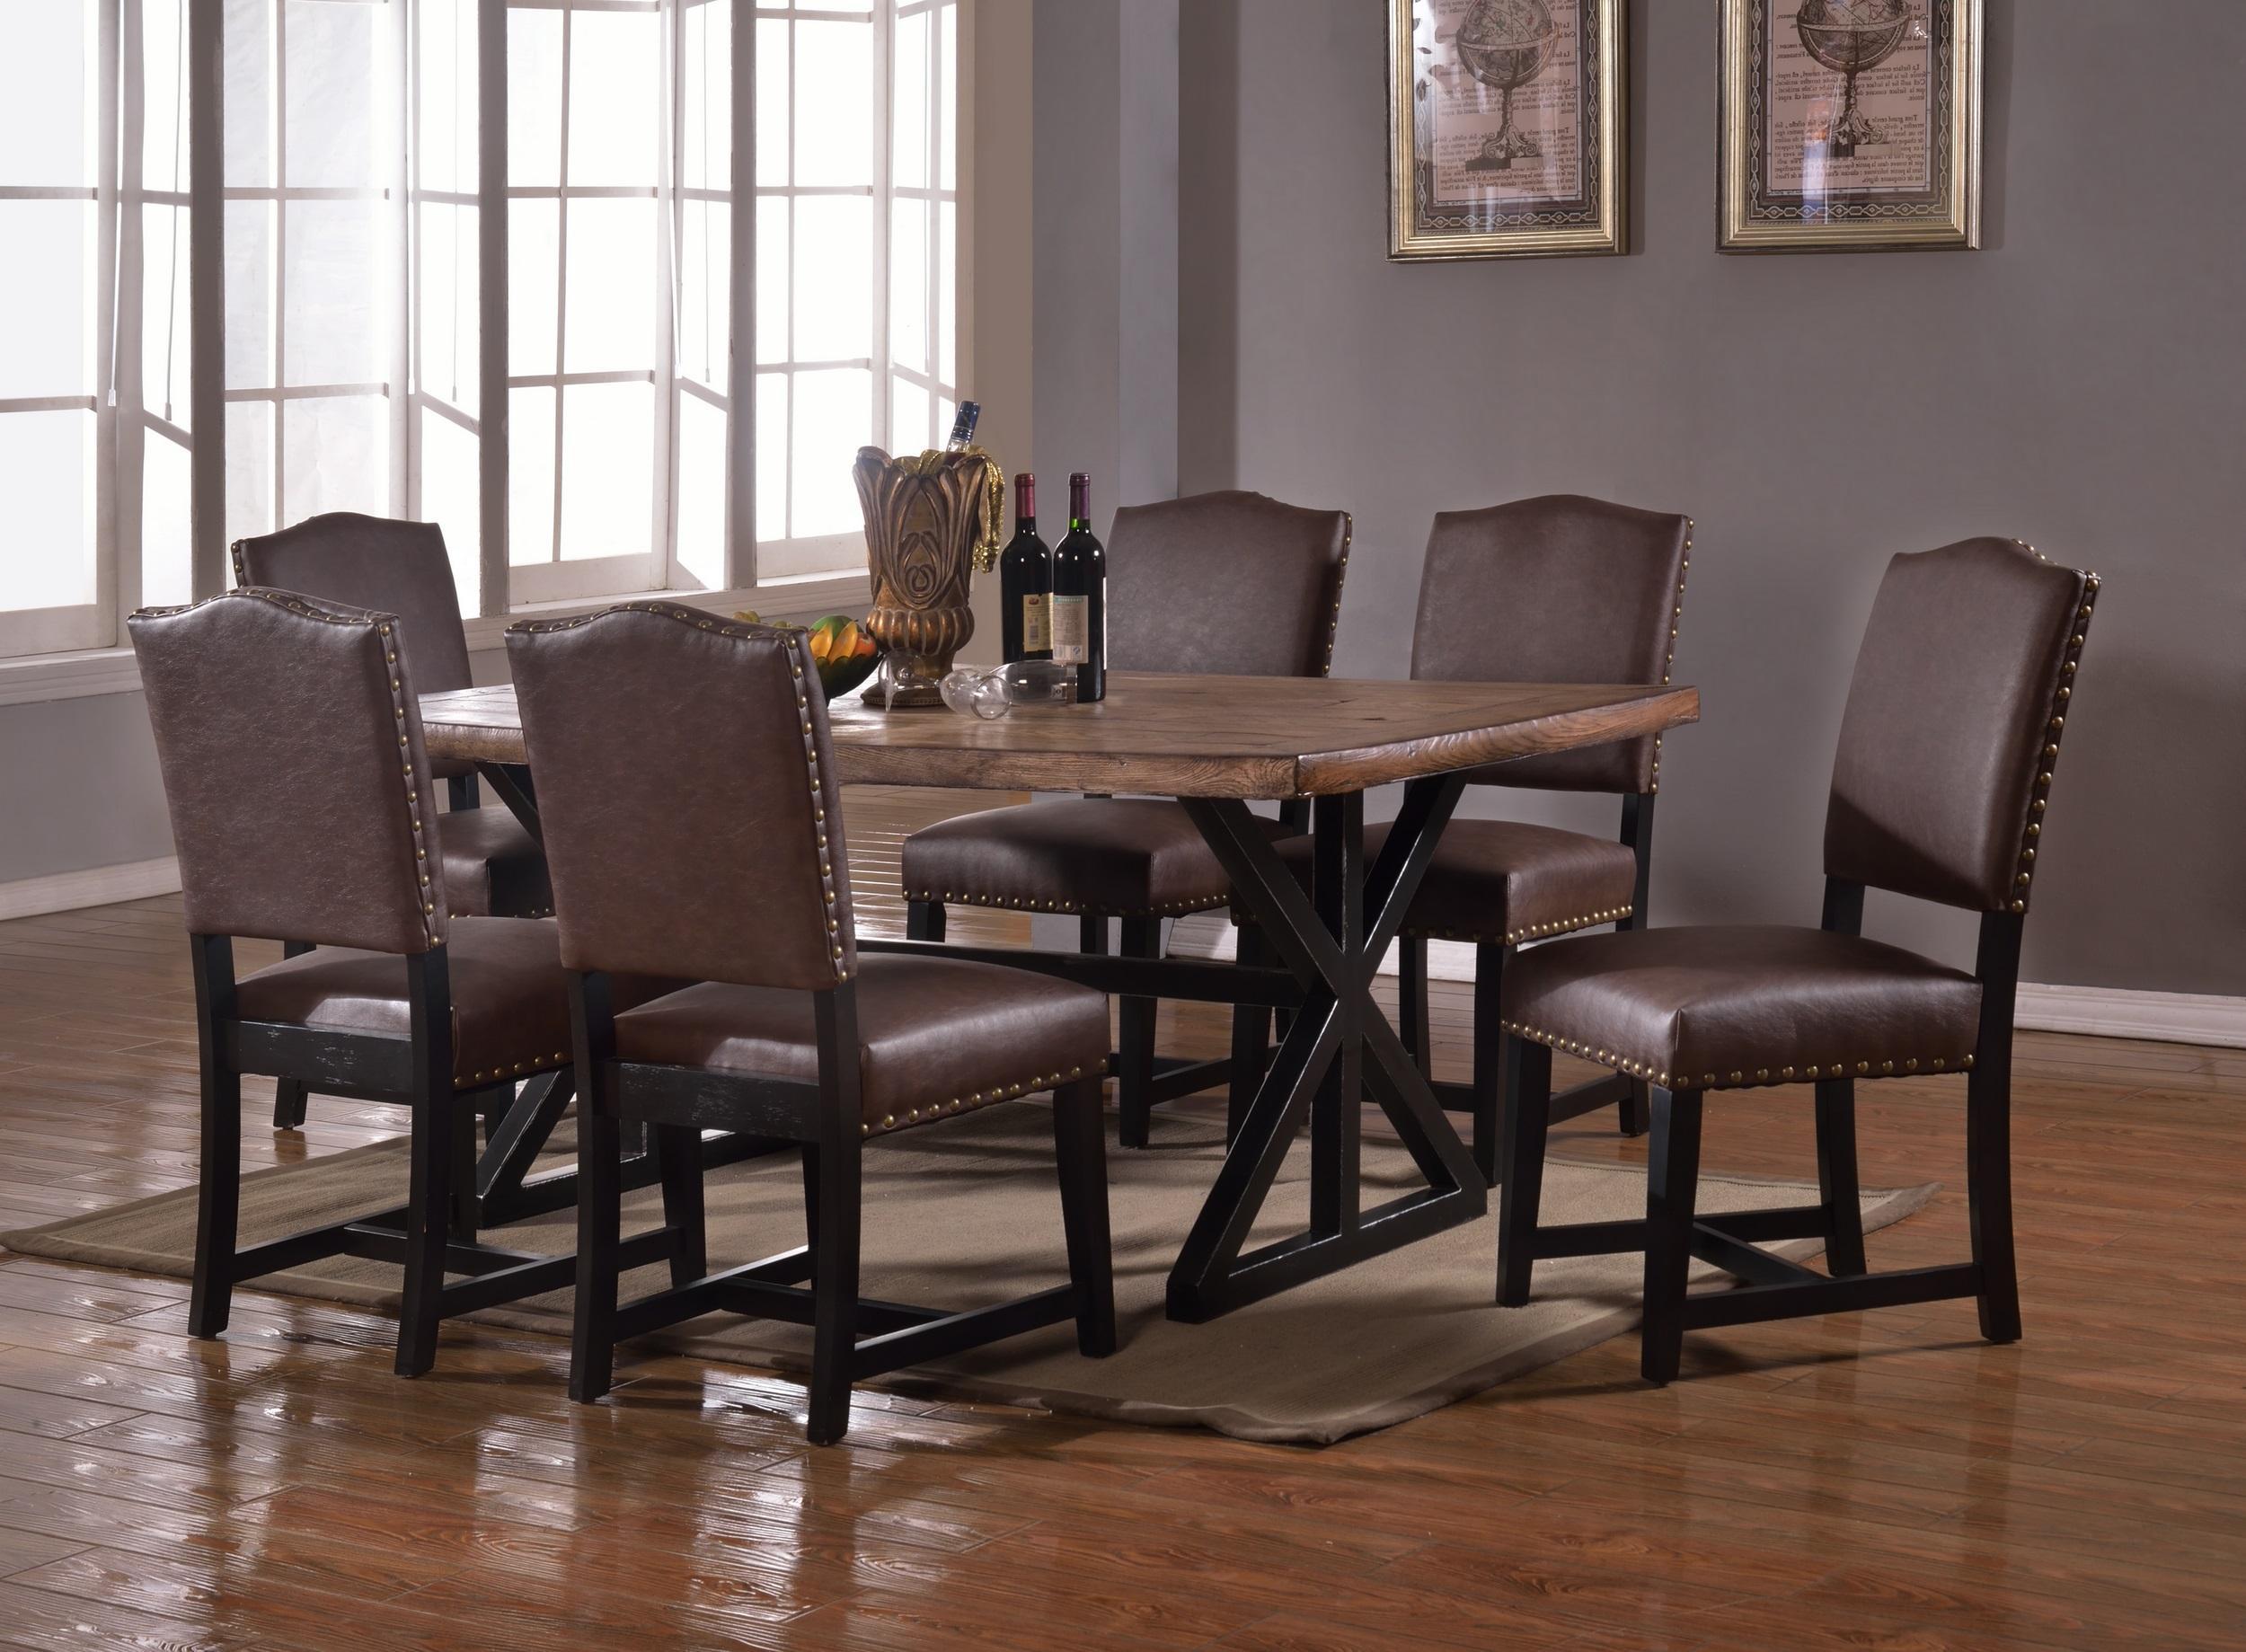 1090 mega furniture imports ltd. Black Bedroom Furniture Sets. Home Design Ideas